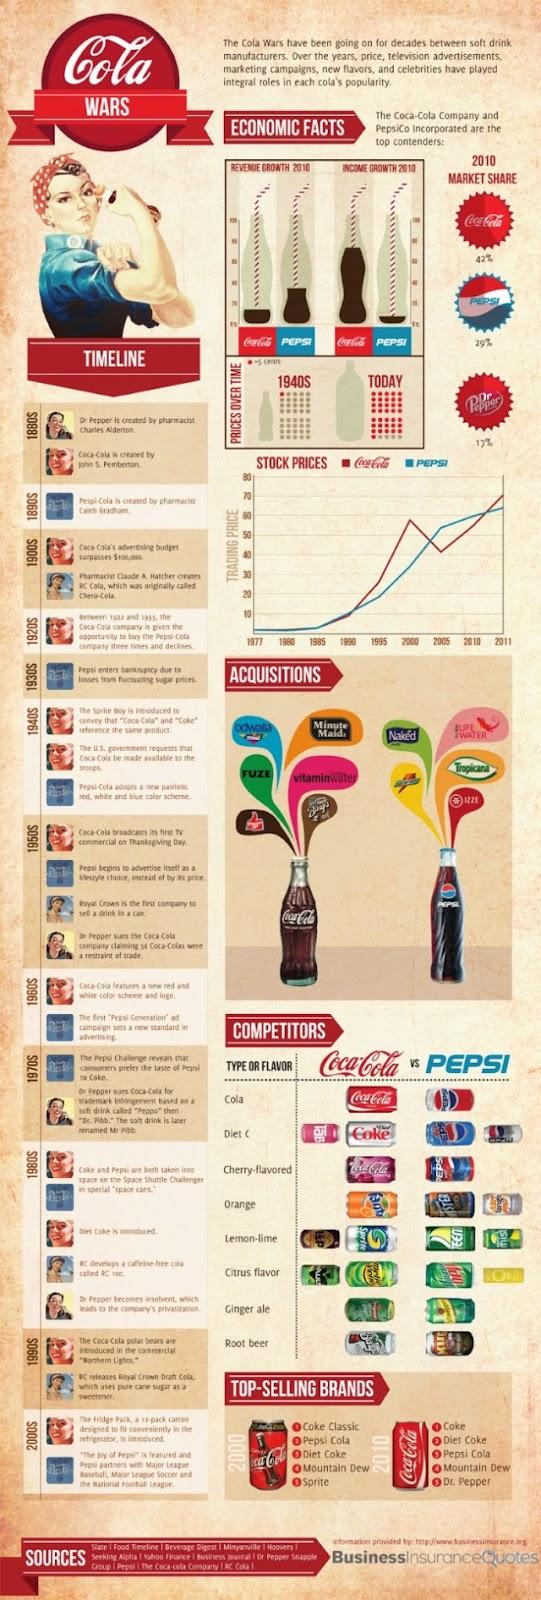 coke vs pepsi essay branding coke vs pepsi essay ph level of coke vs pepsi essay branding coke vs pepsi essay ph level of coke vs pepsi essay